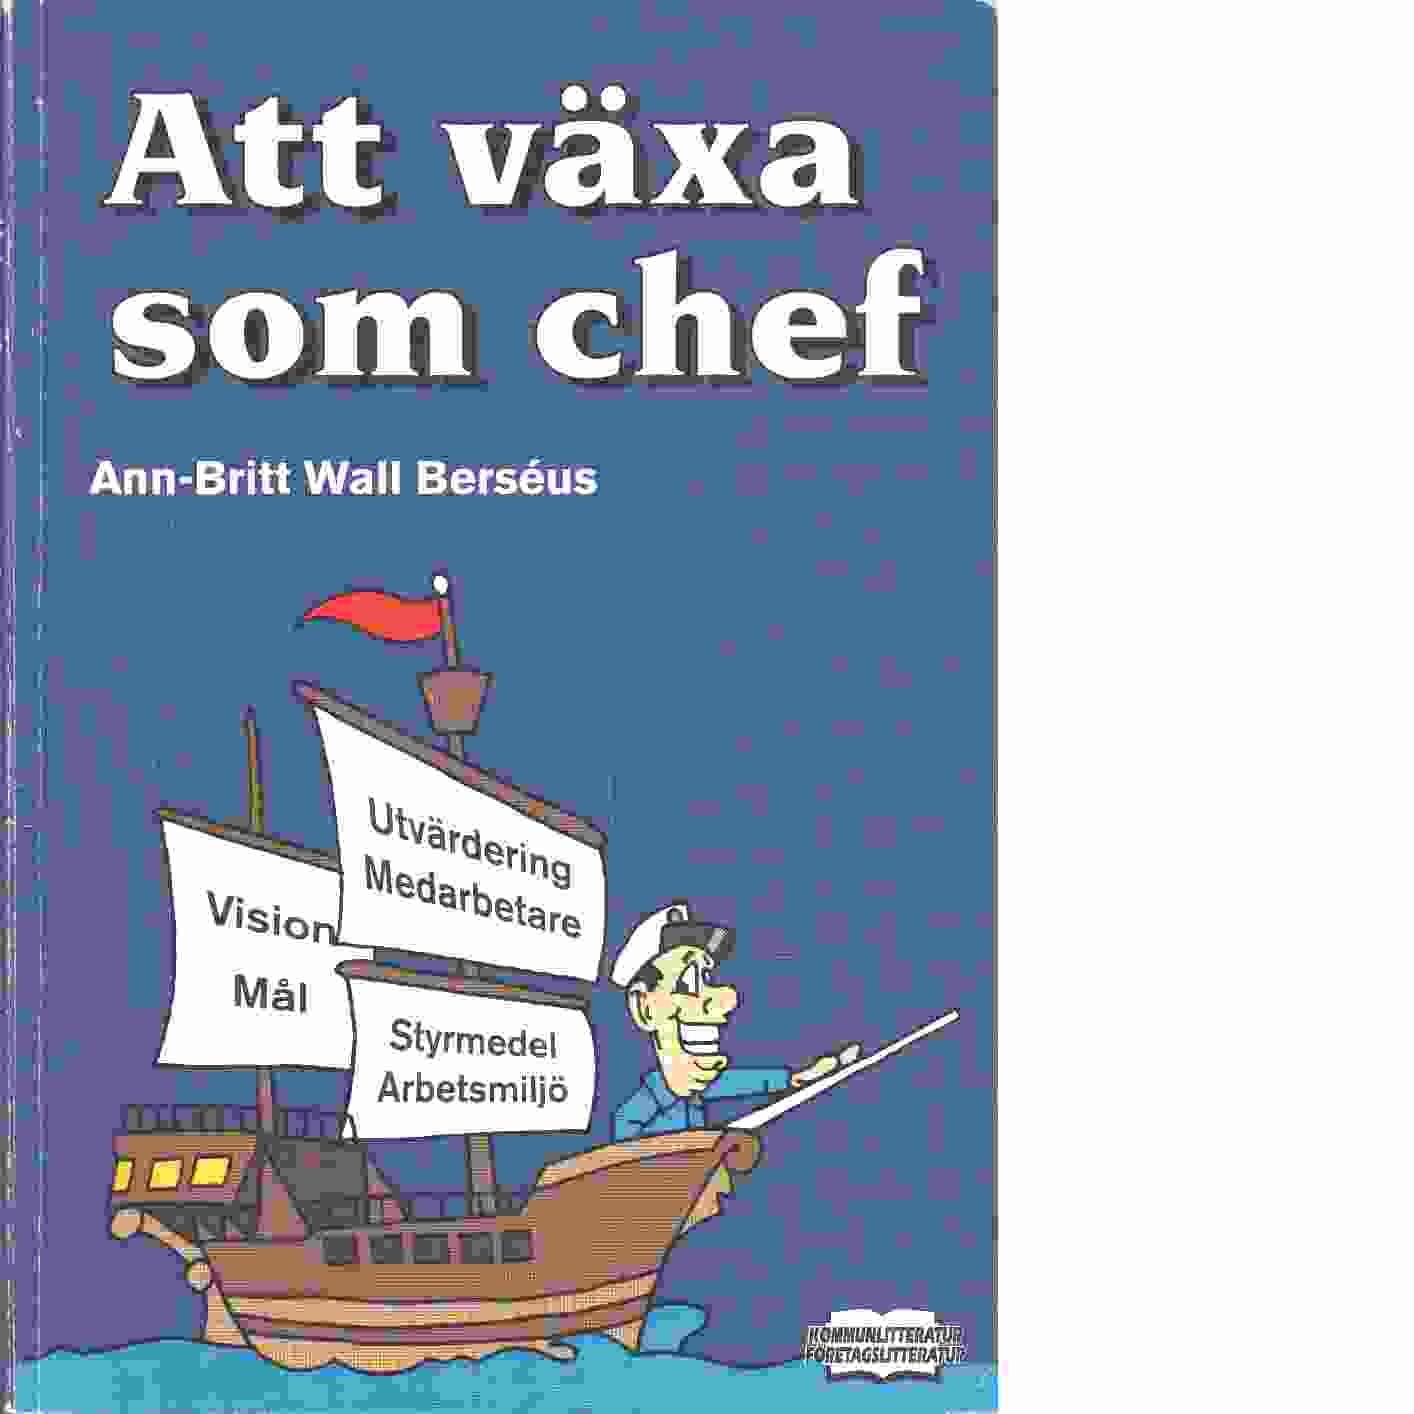 Att växa som chef - Wall Berséus, Ann-Britt